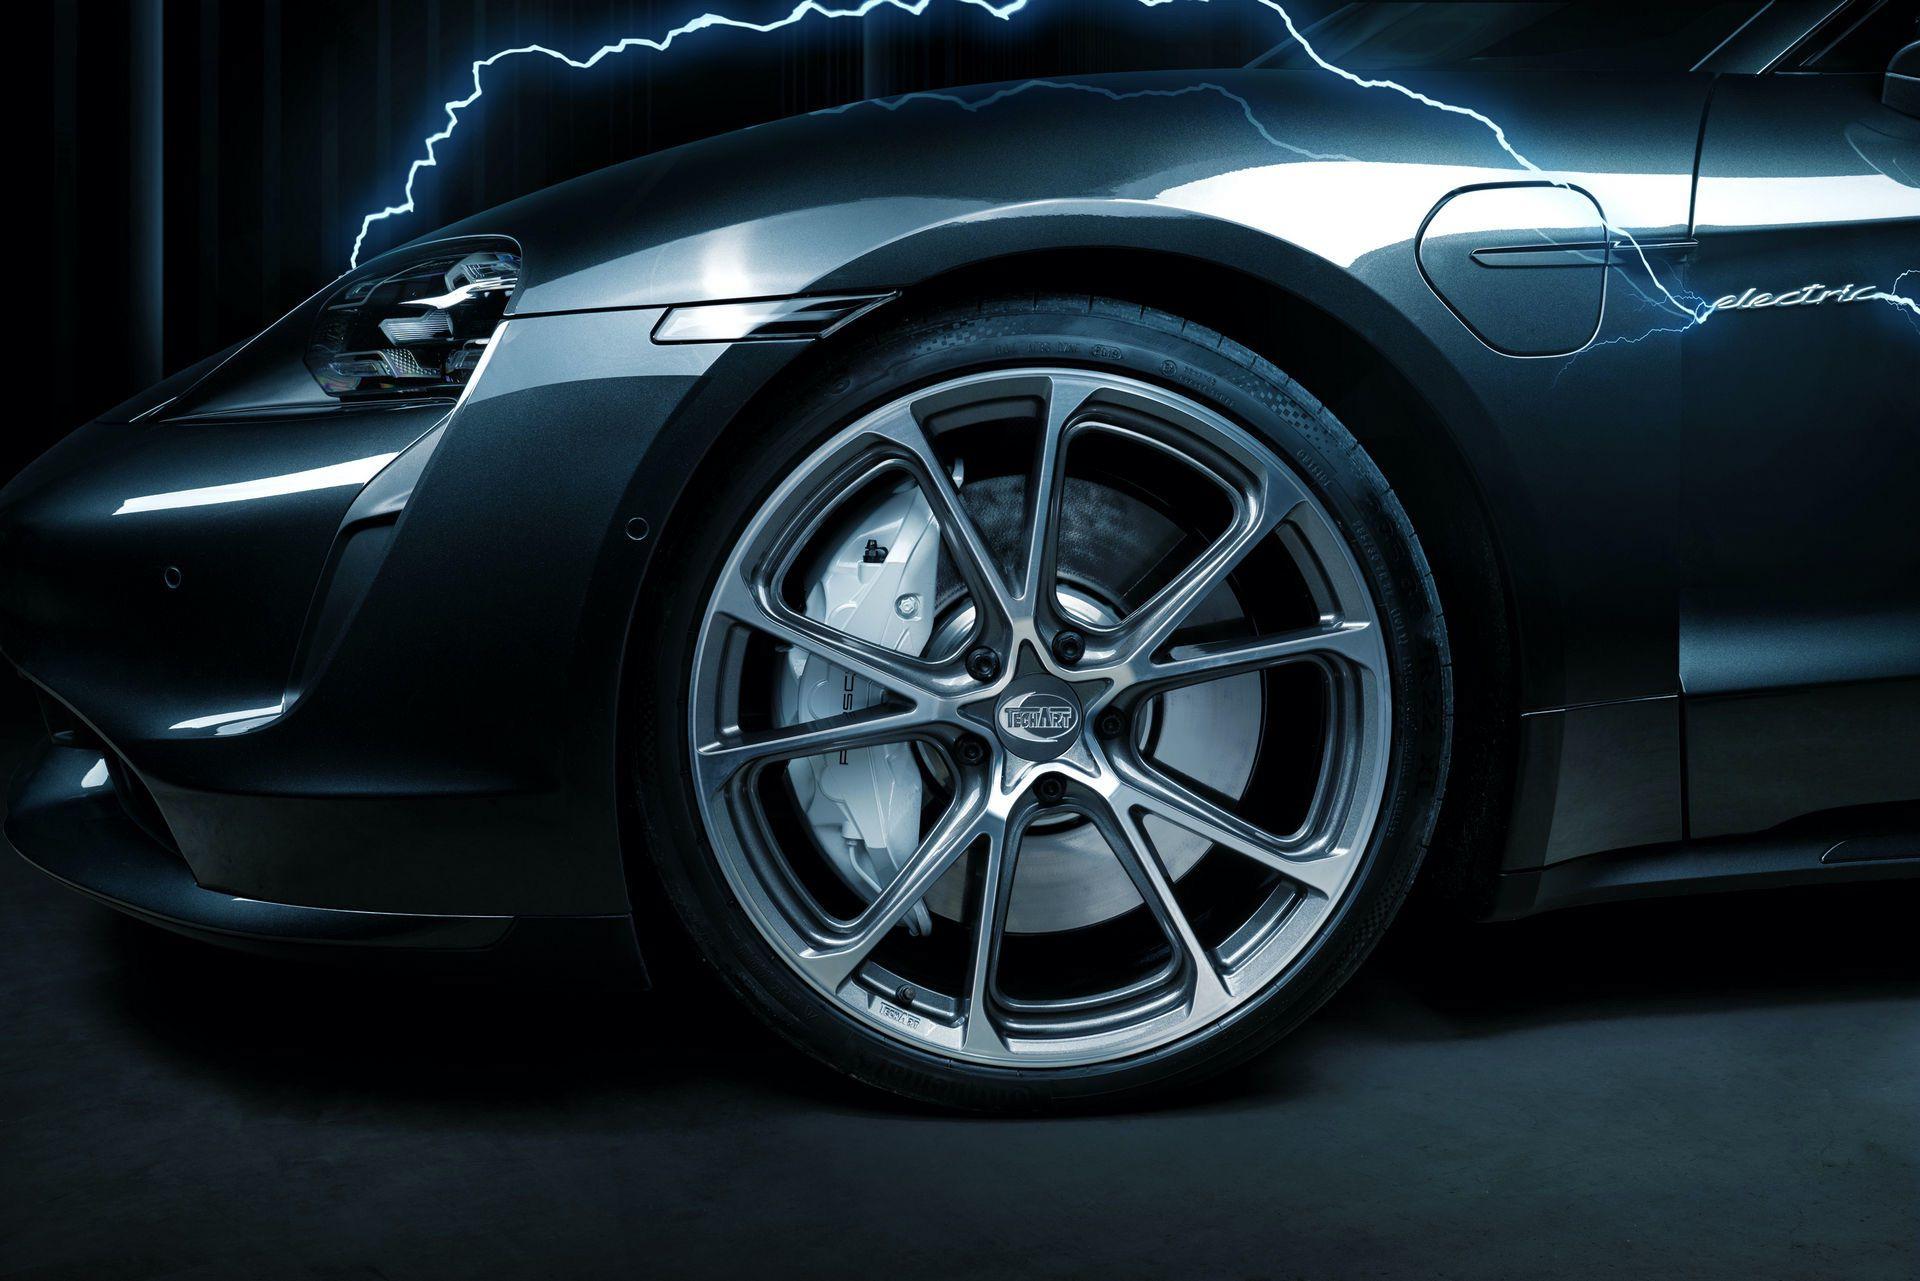 Porsche_Taycan_TechArt_0004